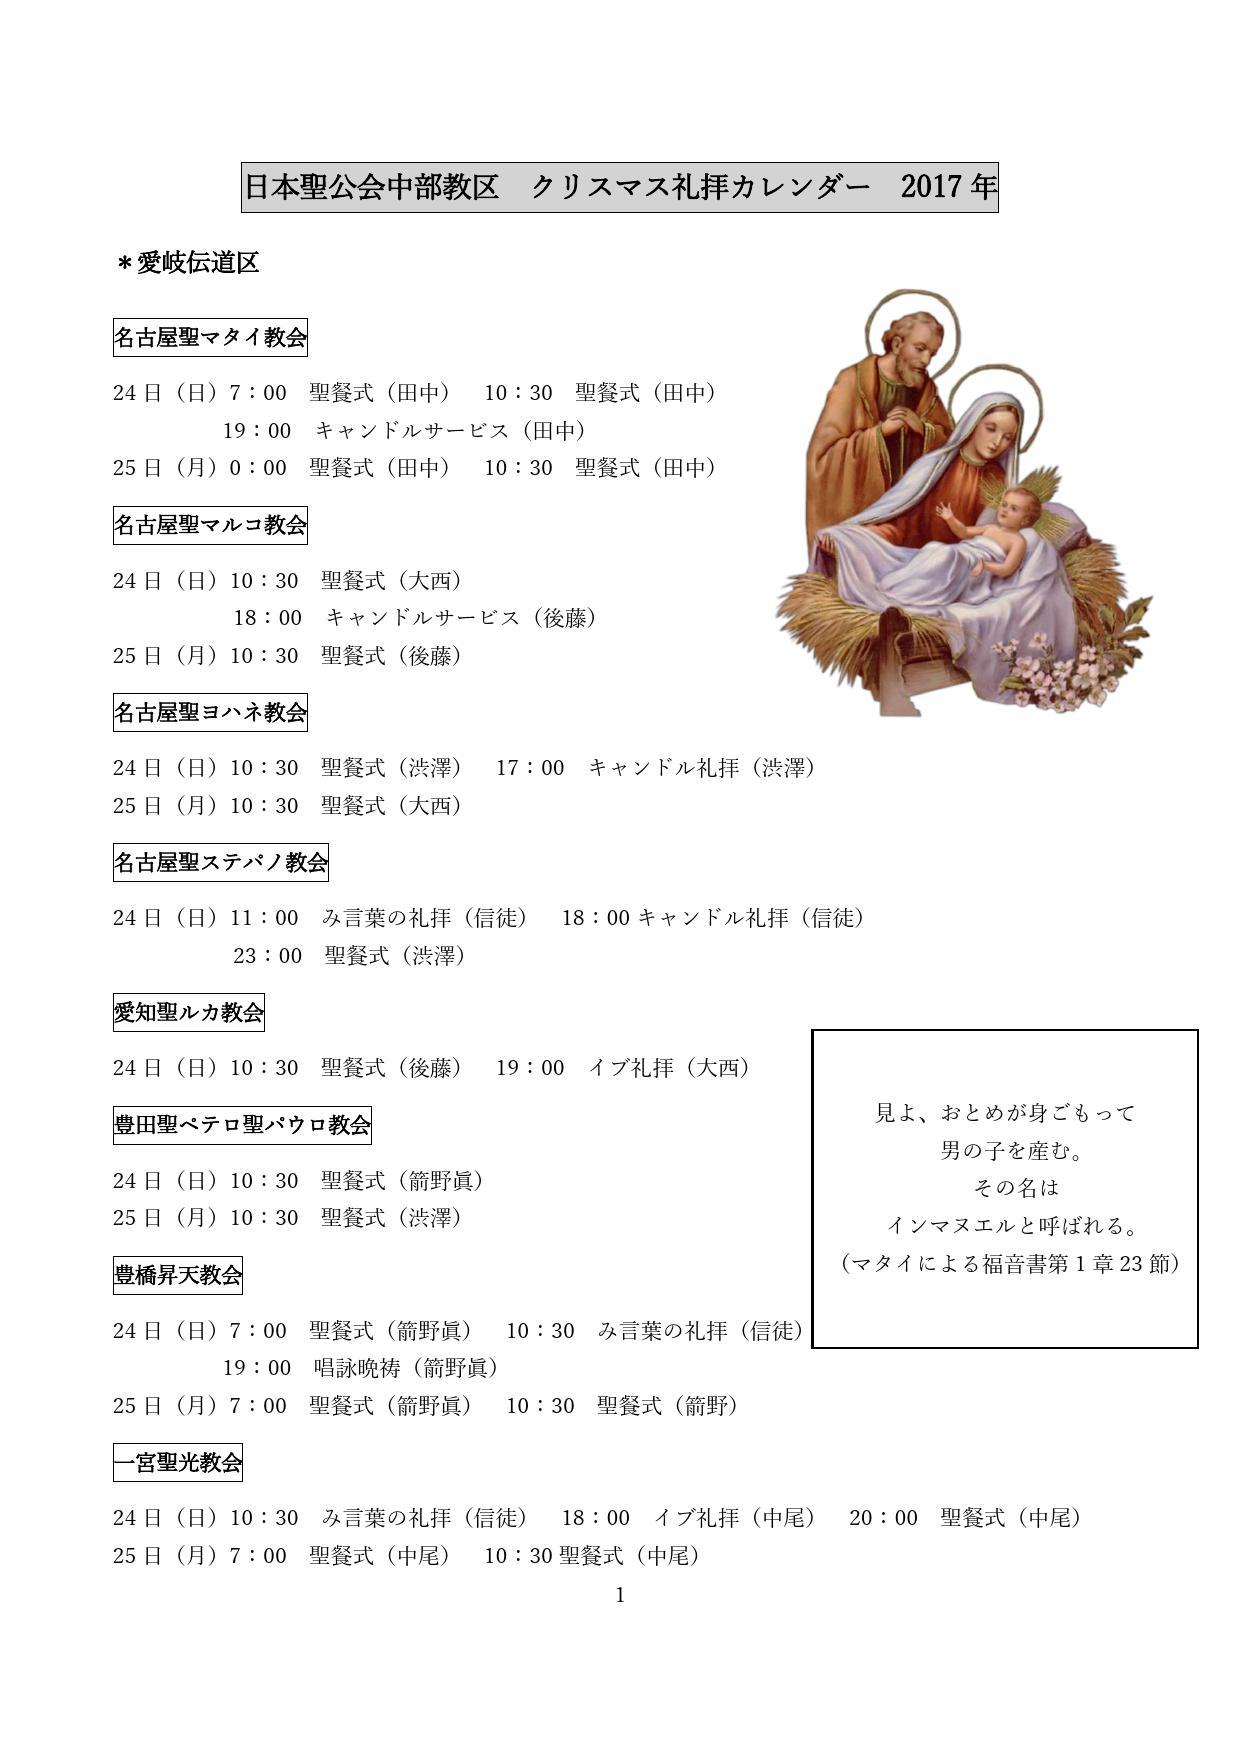 クリスマス礼拝カレンダー_000001